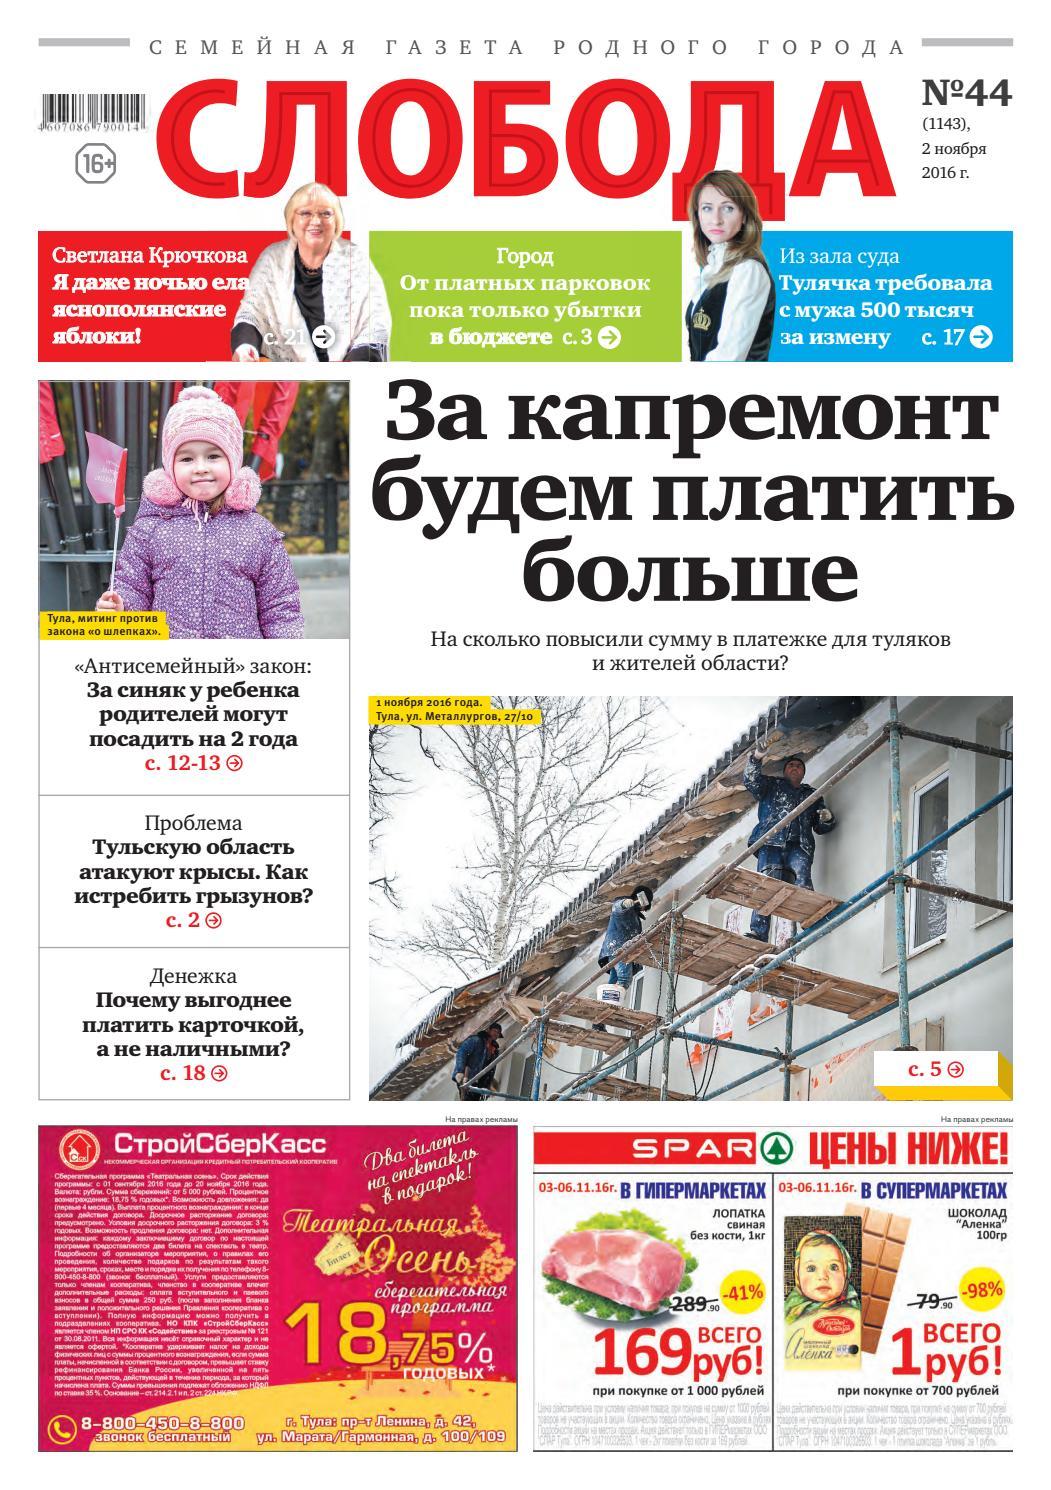 8b5261efead Слобода №44 (1143)  За капремонт будем платить больше by Газета